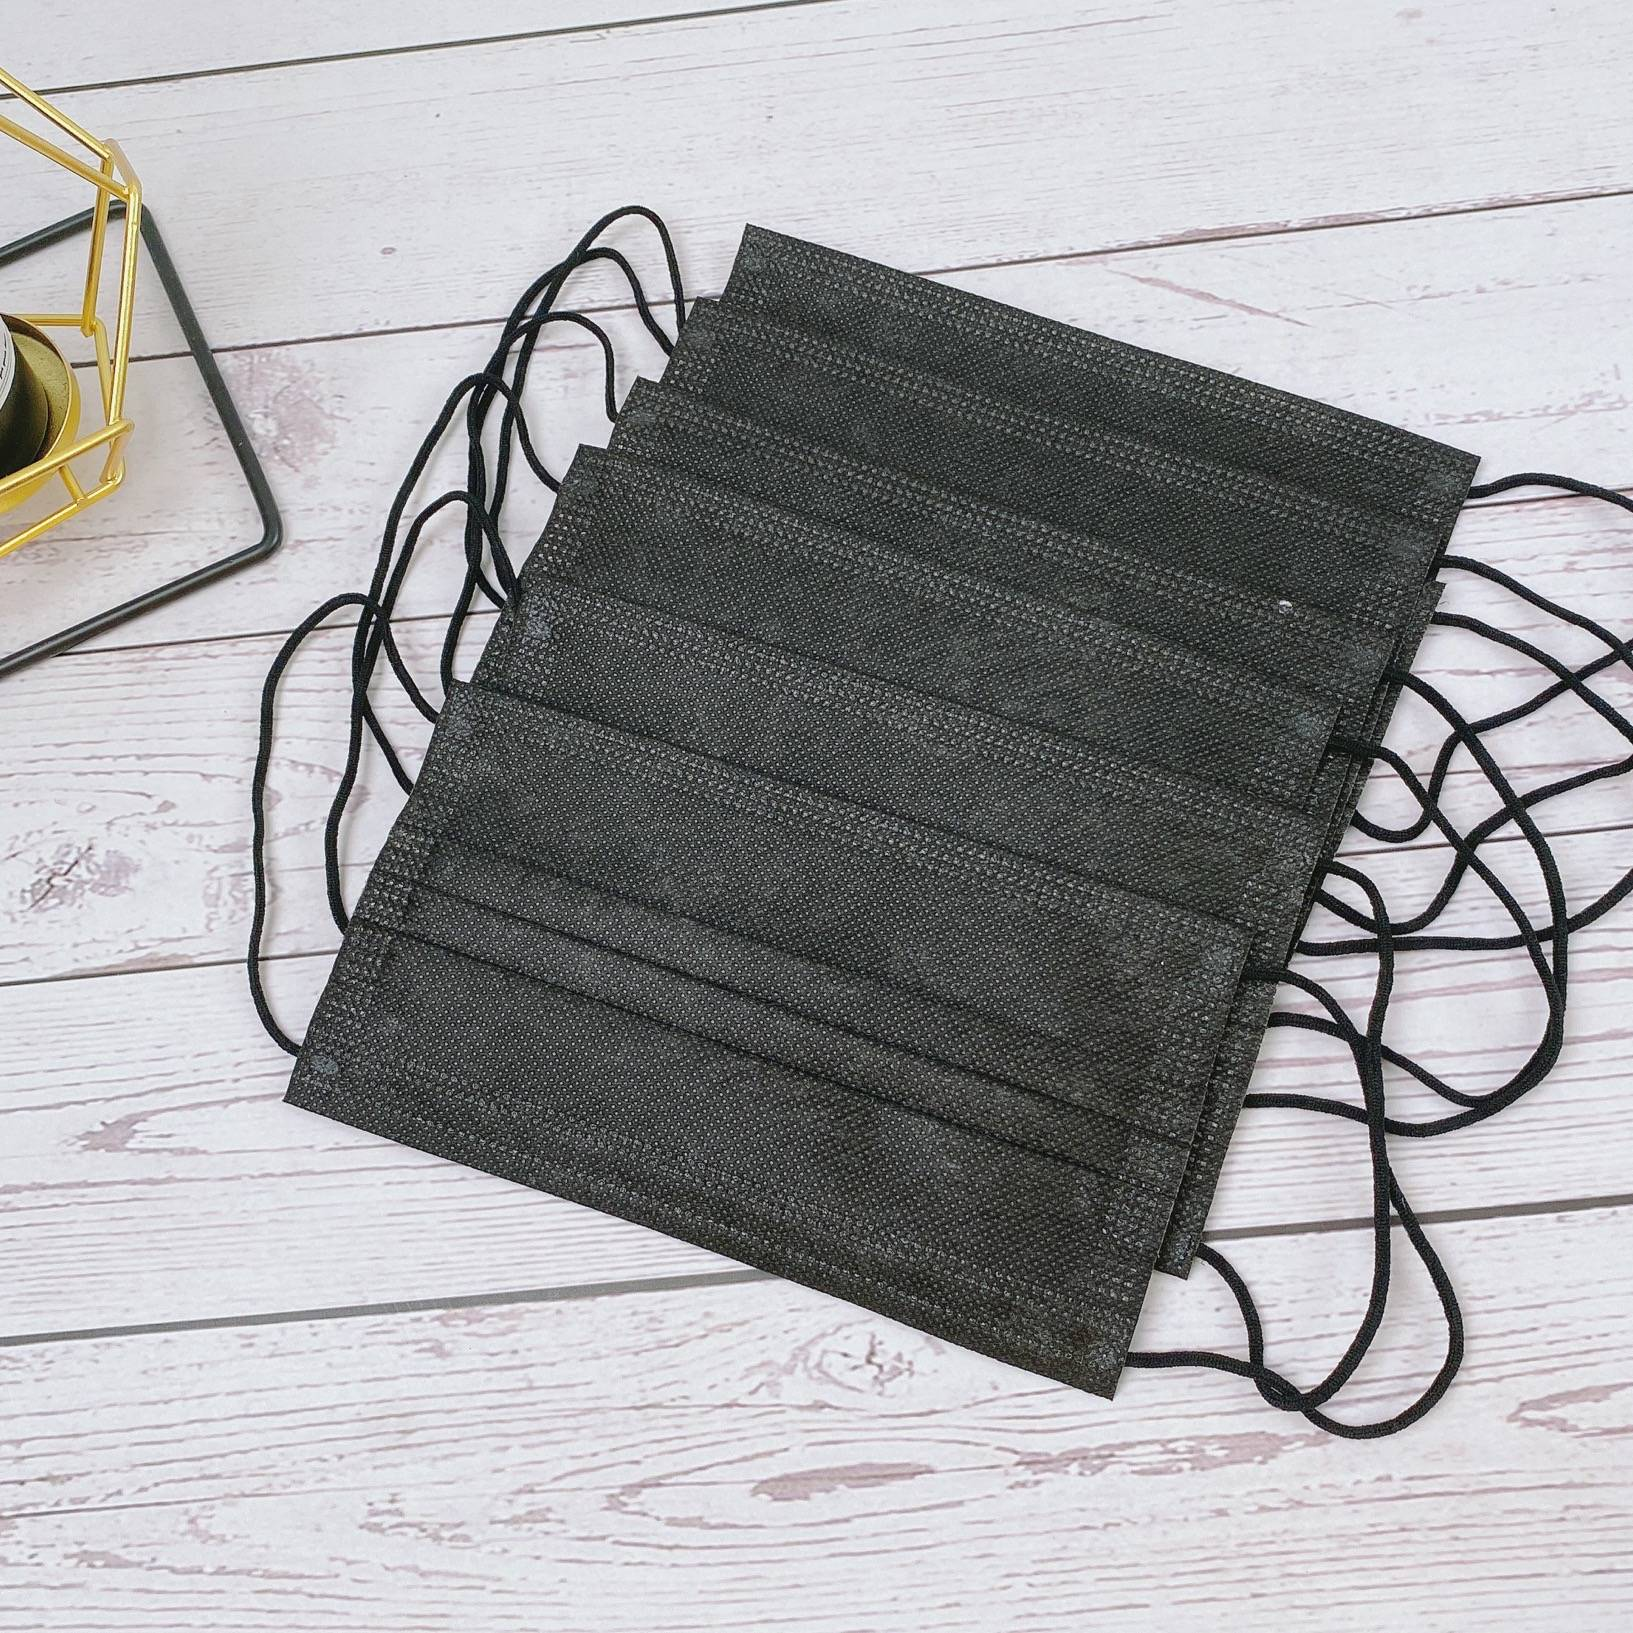 【助鑫】加厚黑色冬季款一次性医用口罩一次性三层防尘防飞沫